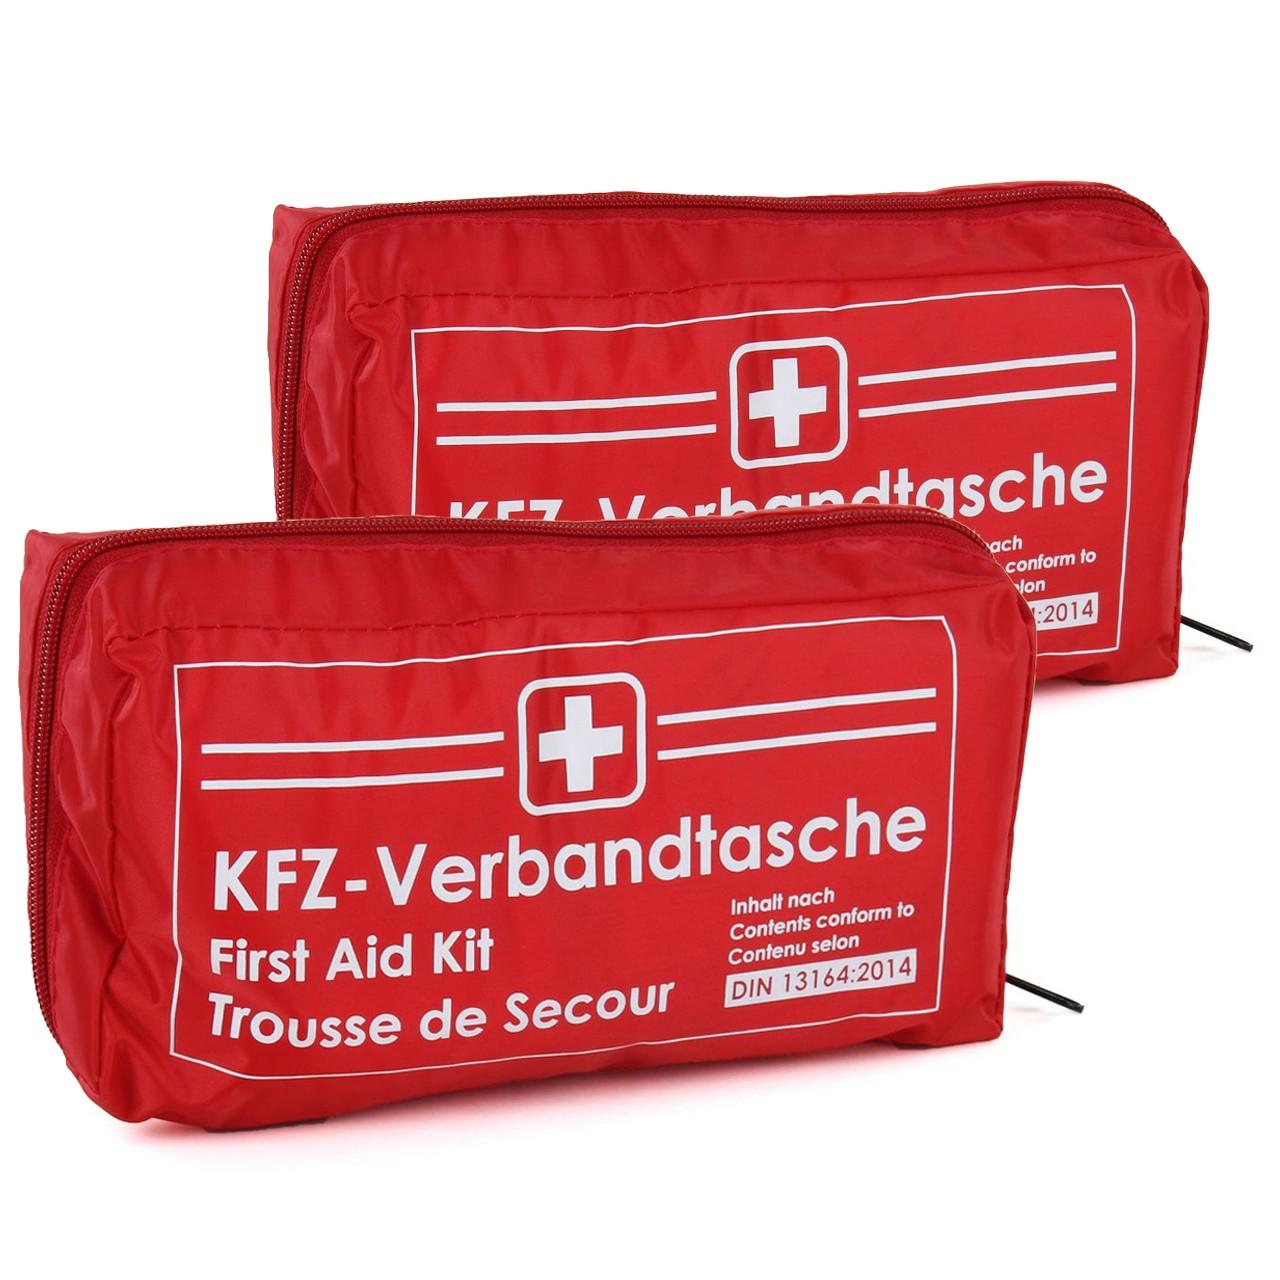 2x KFZ Auto Verbandkasten Verbandskasten ROT Erste Hilfe DIN 13164 MHD 12.2025